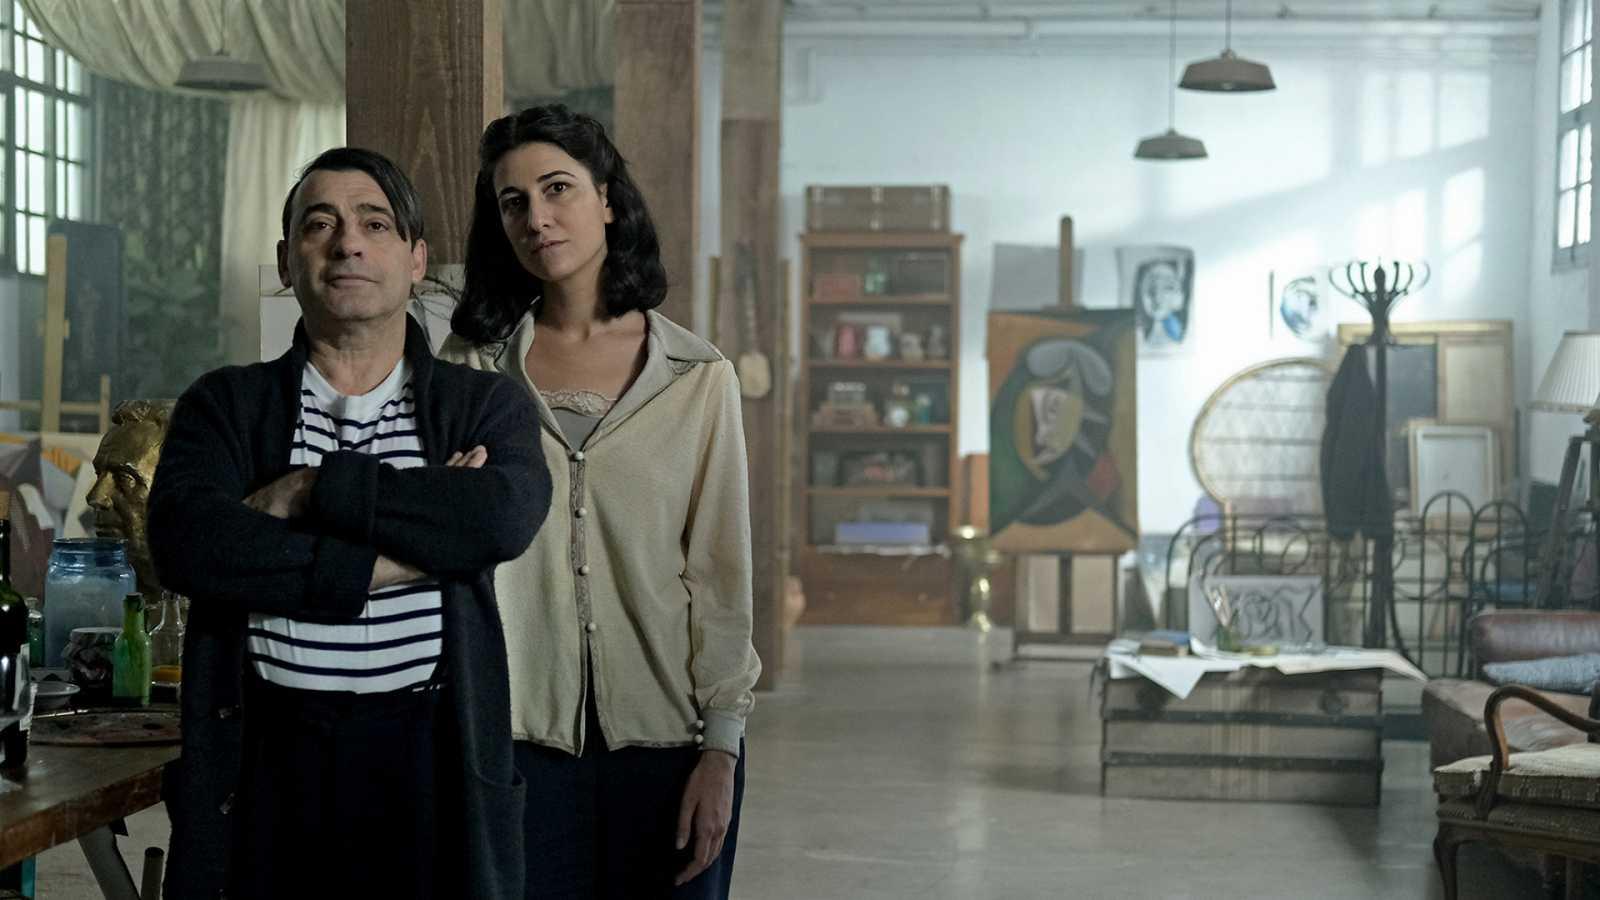 El Ministerio del Tiempo - Picasso y Velázquez vuelven a encontrarse